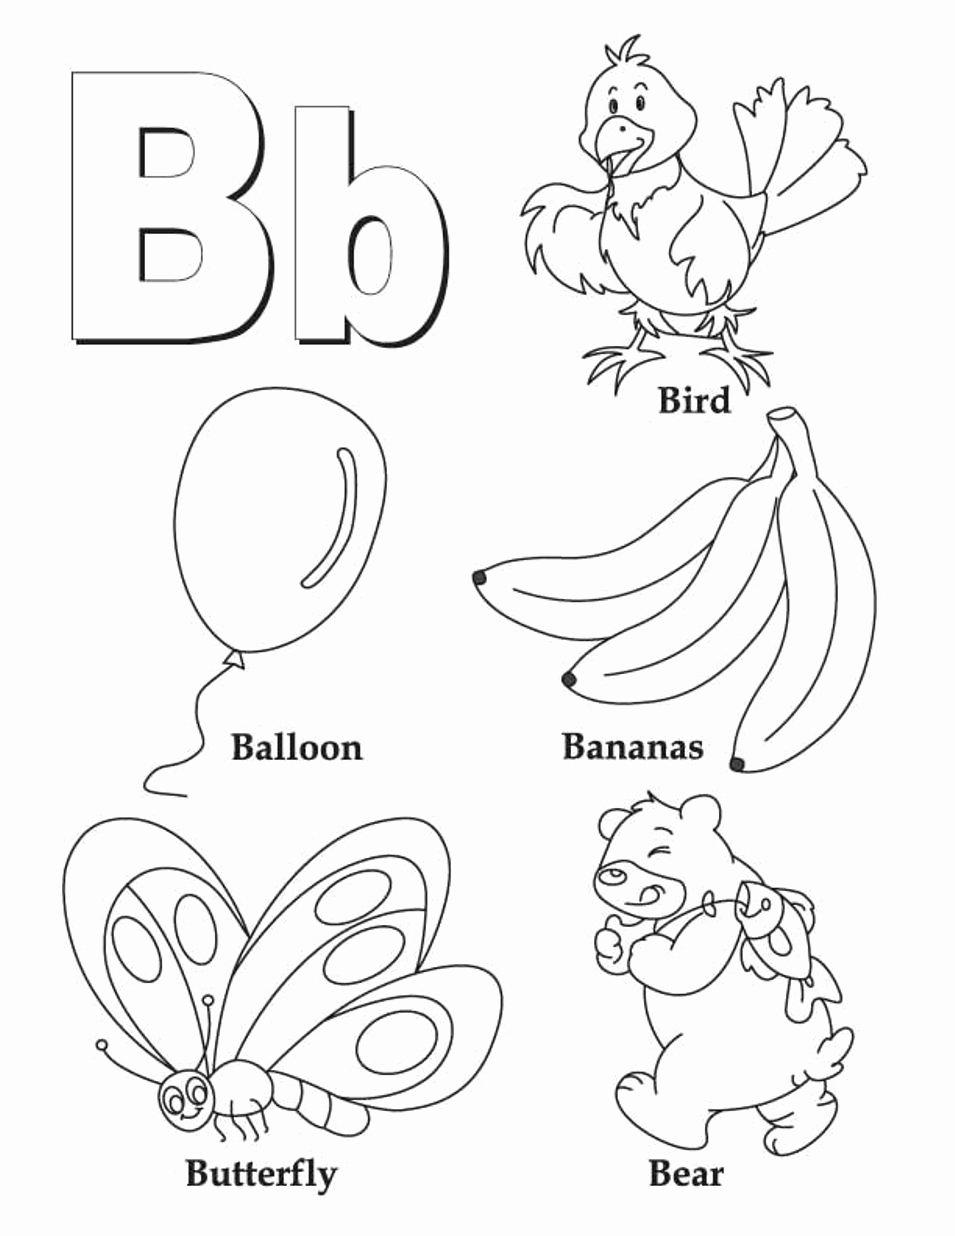 B Worksheets for Preschoolers Fresh Letter B Worksheets to Printable Letter B Worksheets